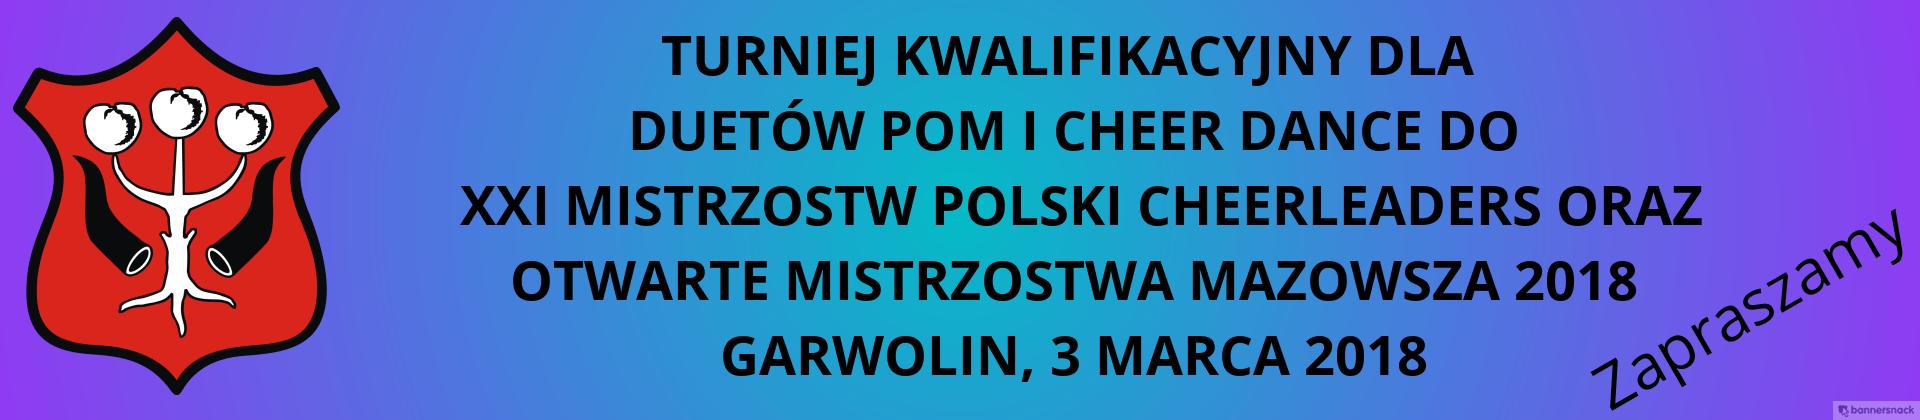 garwolin (1)